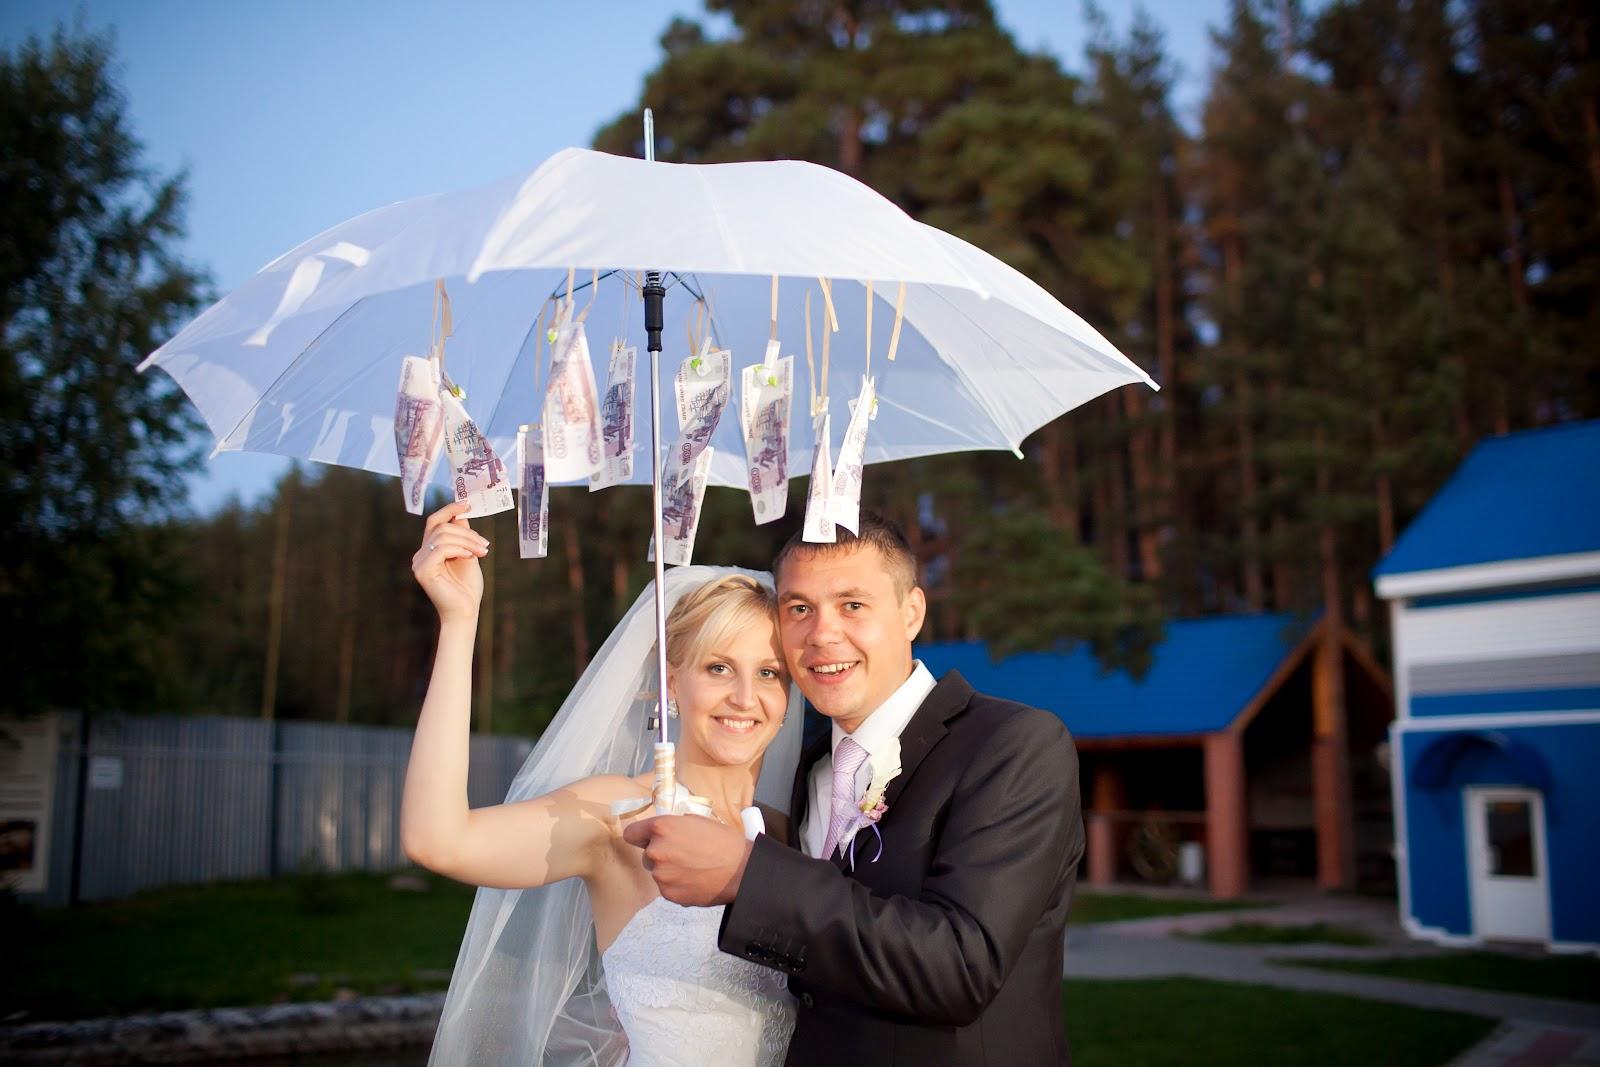 тост про зонт на свадьбу фото стен помощью трафарета